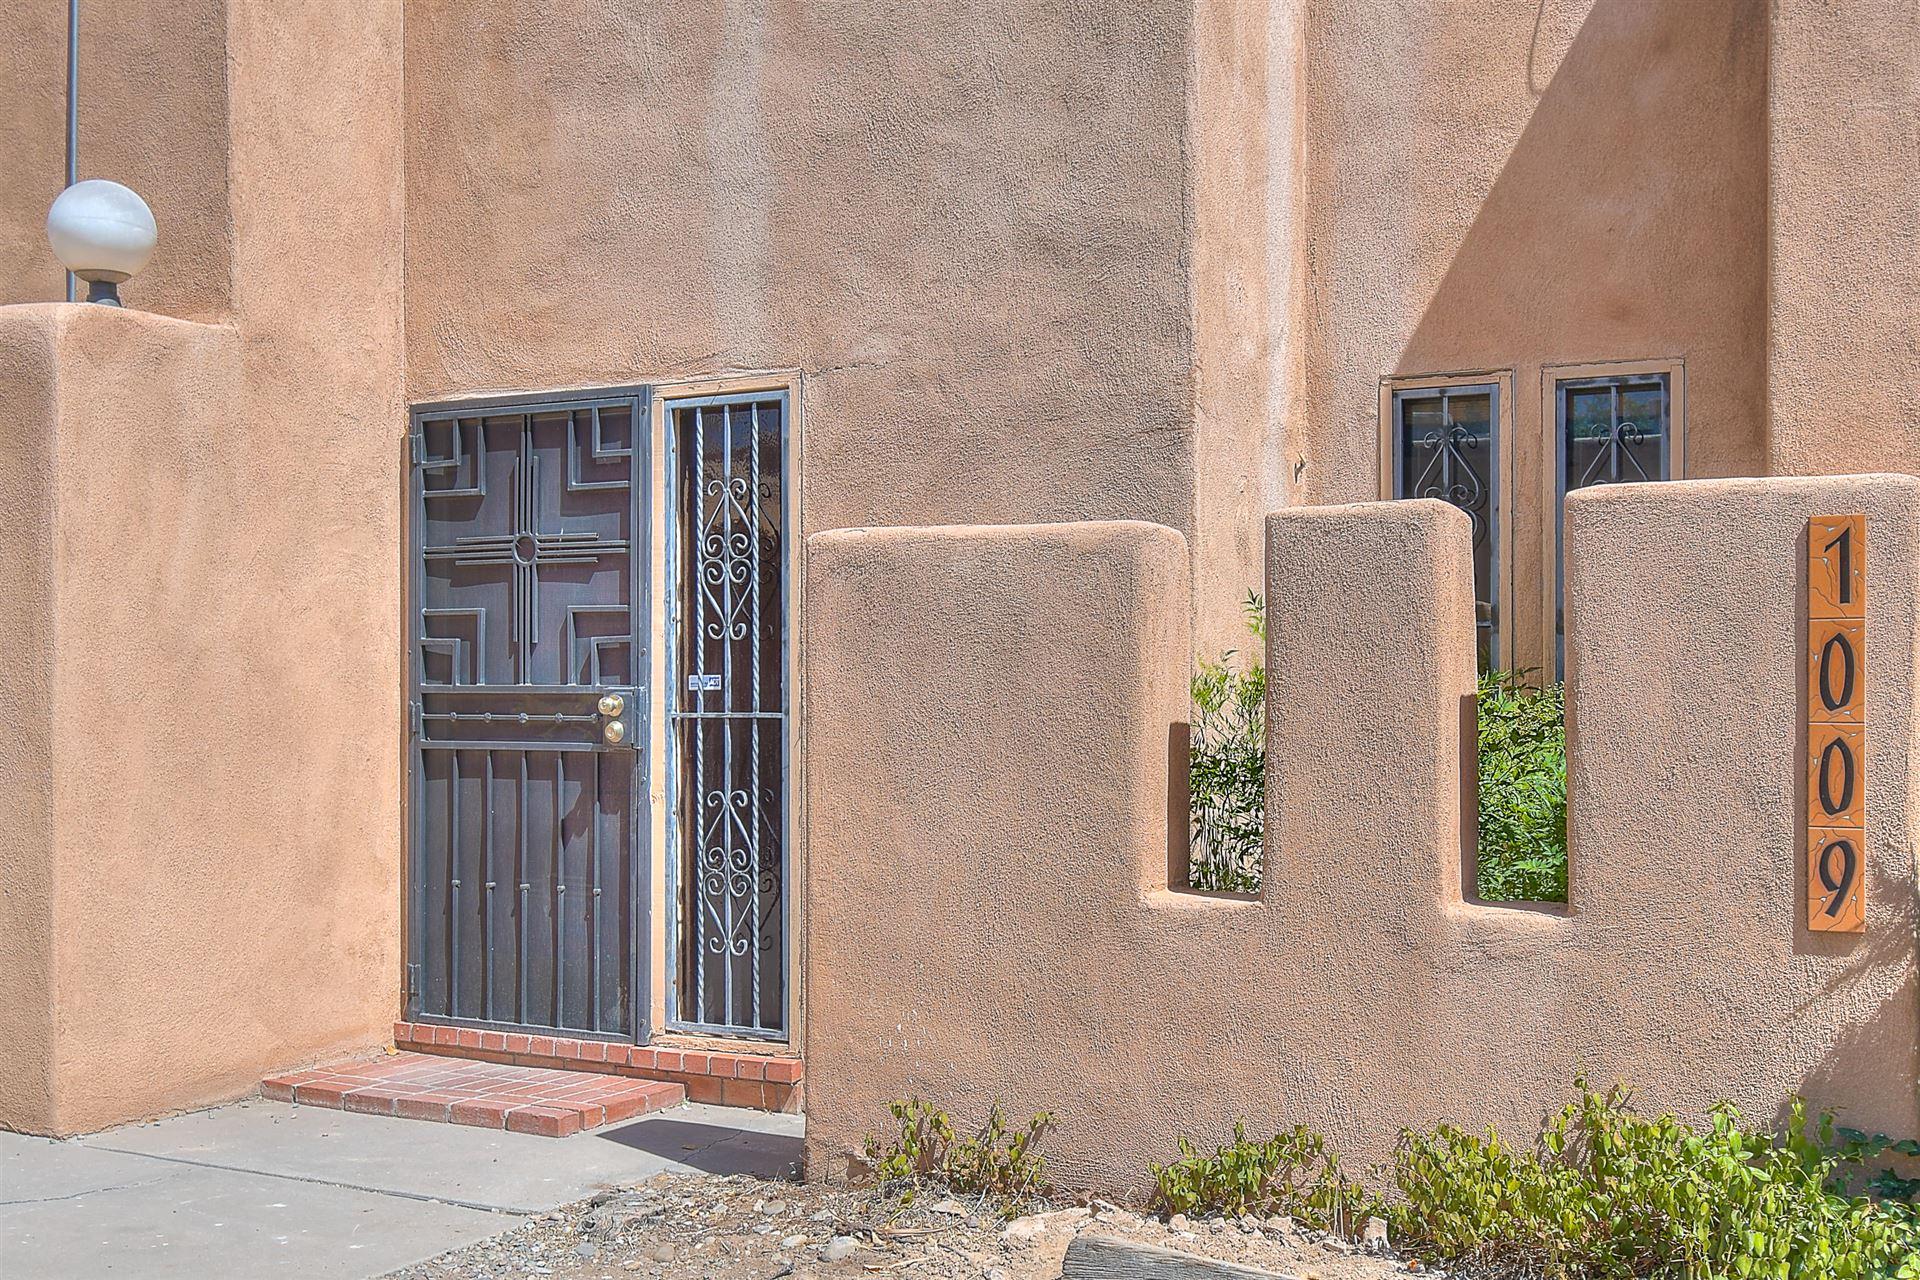 Photo of 1009 GUADALUPE DEL PRADO Street NW, Albuquerque, NM 87107 (MLS # 976478)